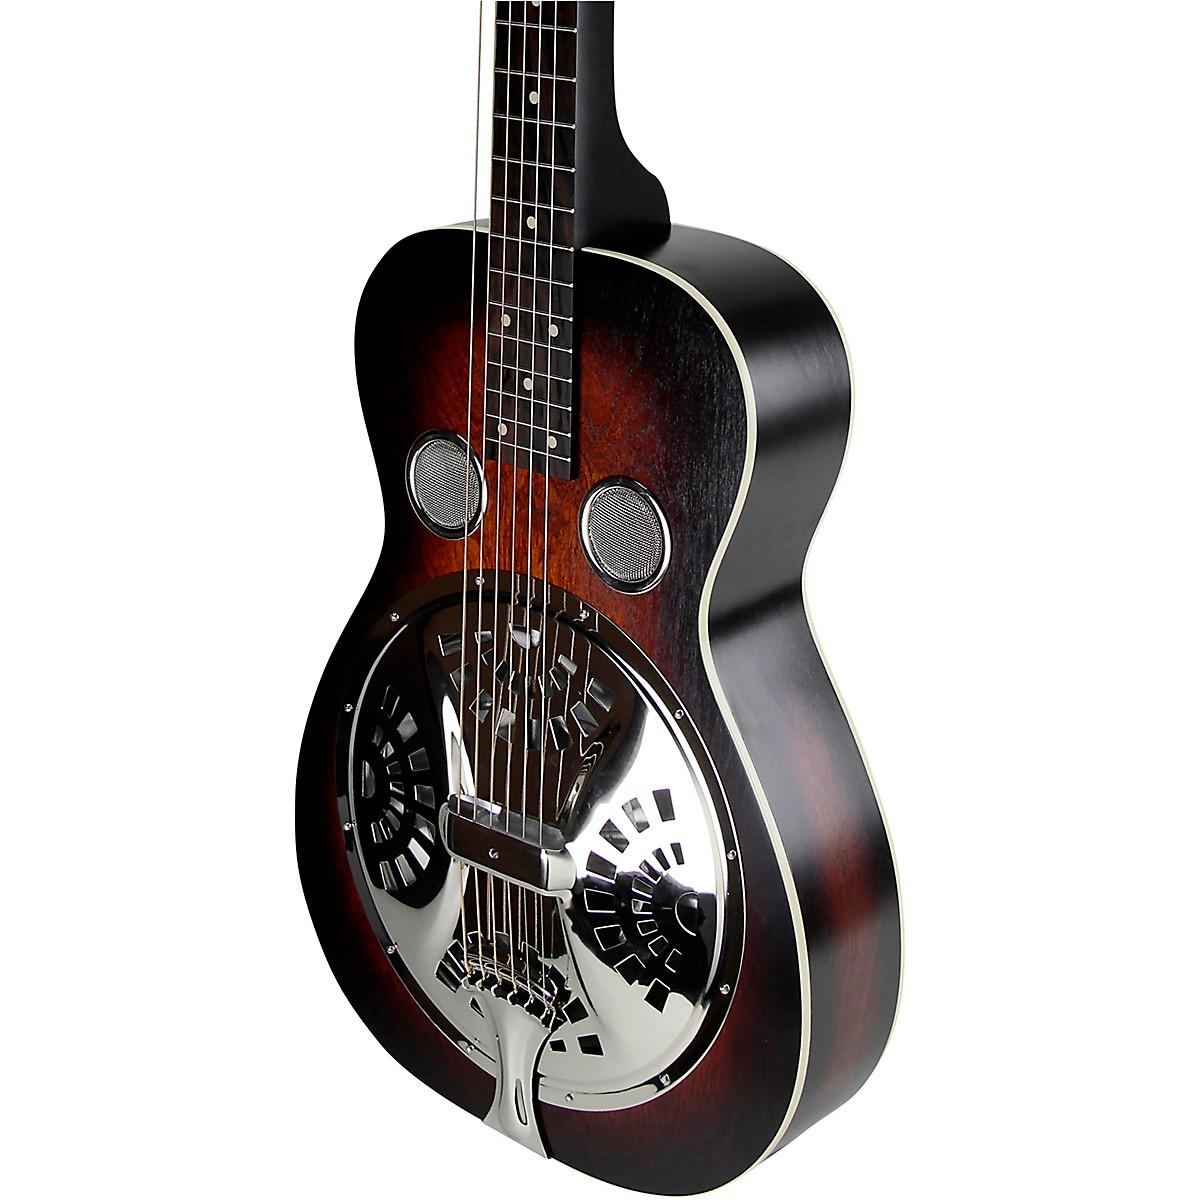 Beard Guitars Deco Phonic Model 37 Squareneck Acoustic-Electric Resonator Guitar